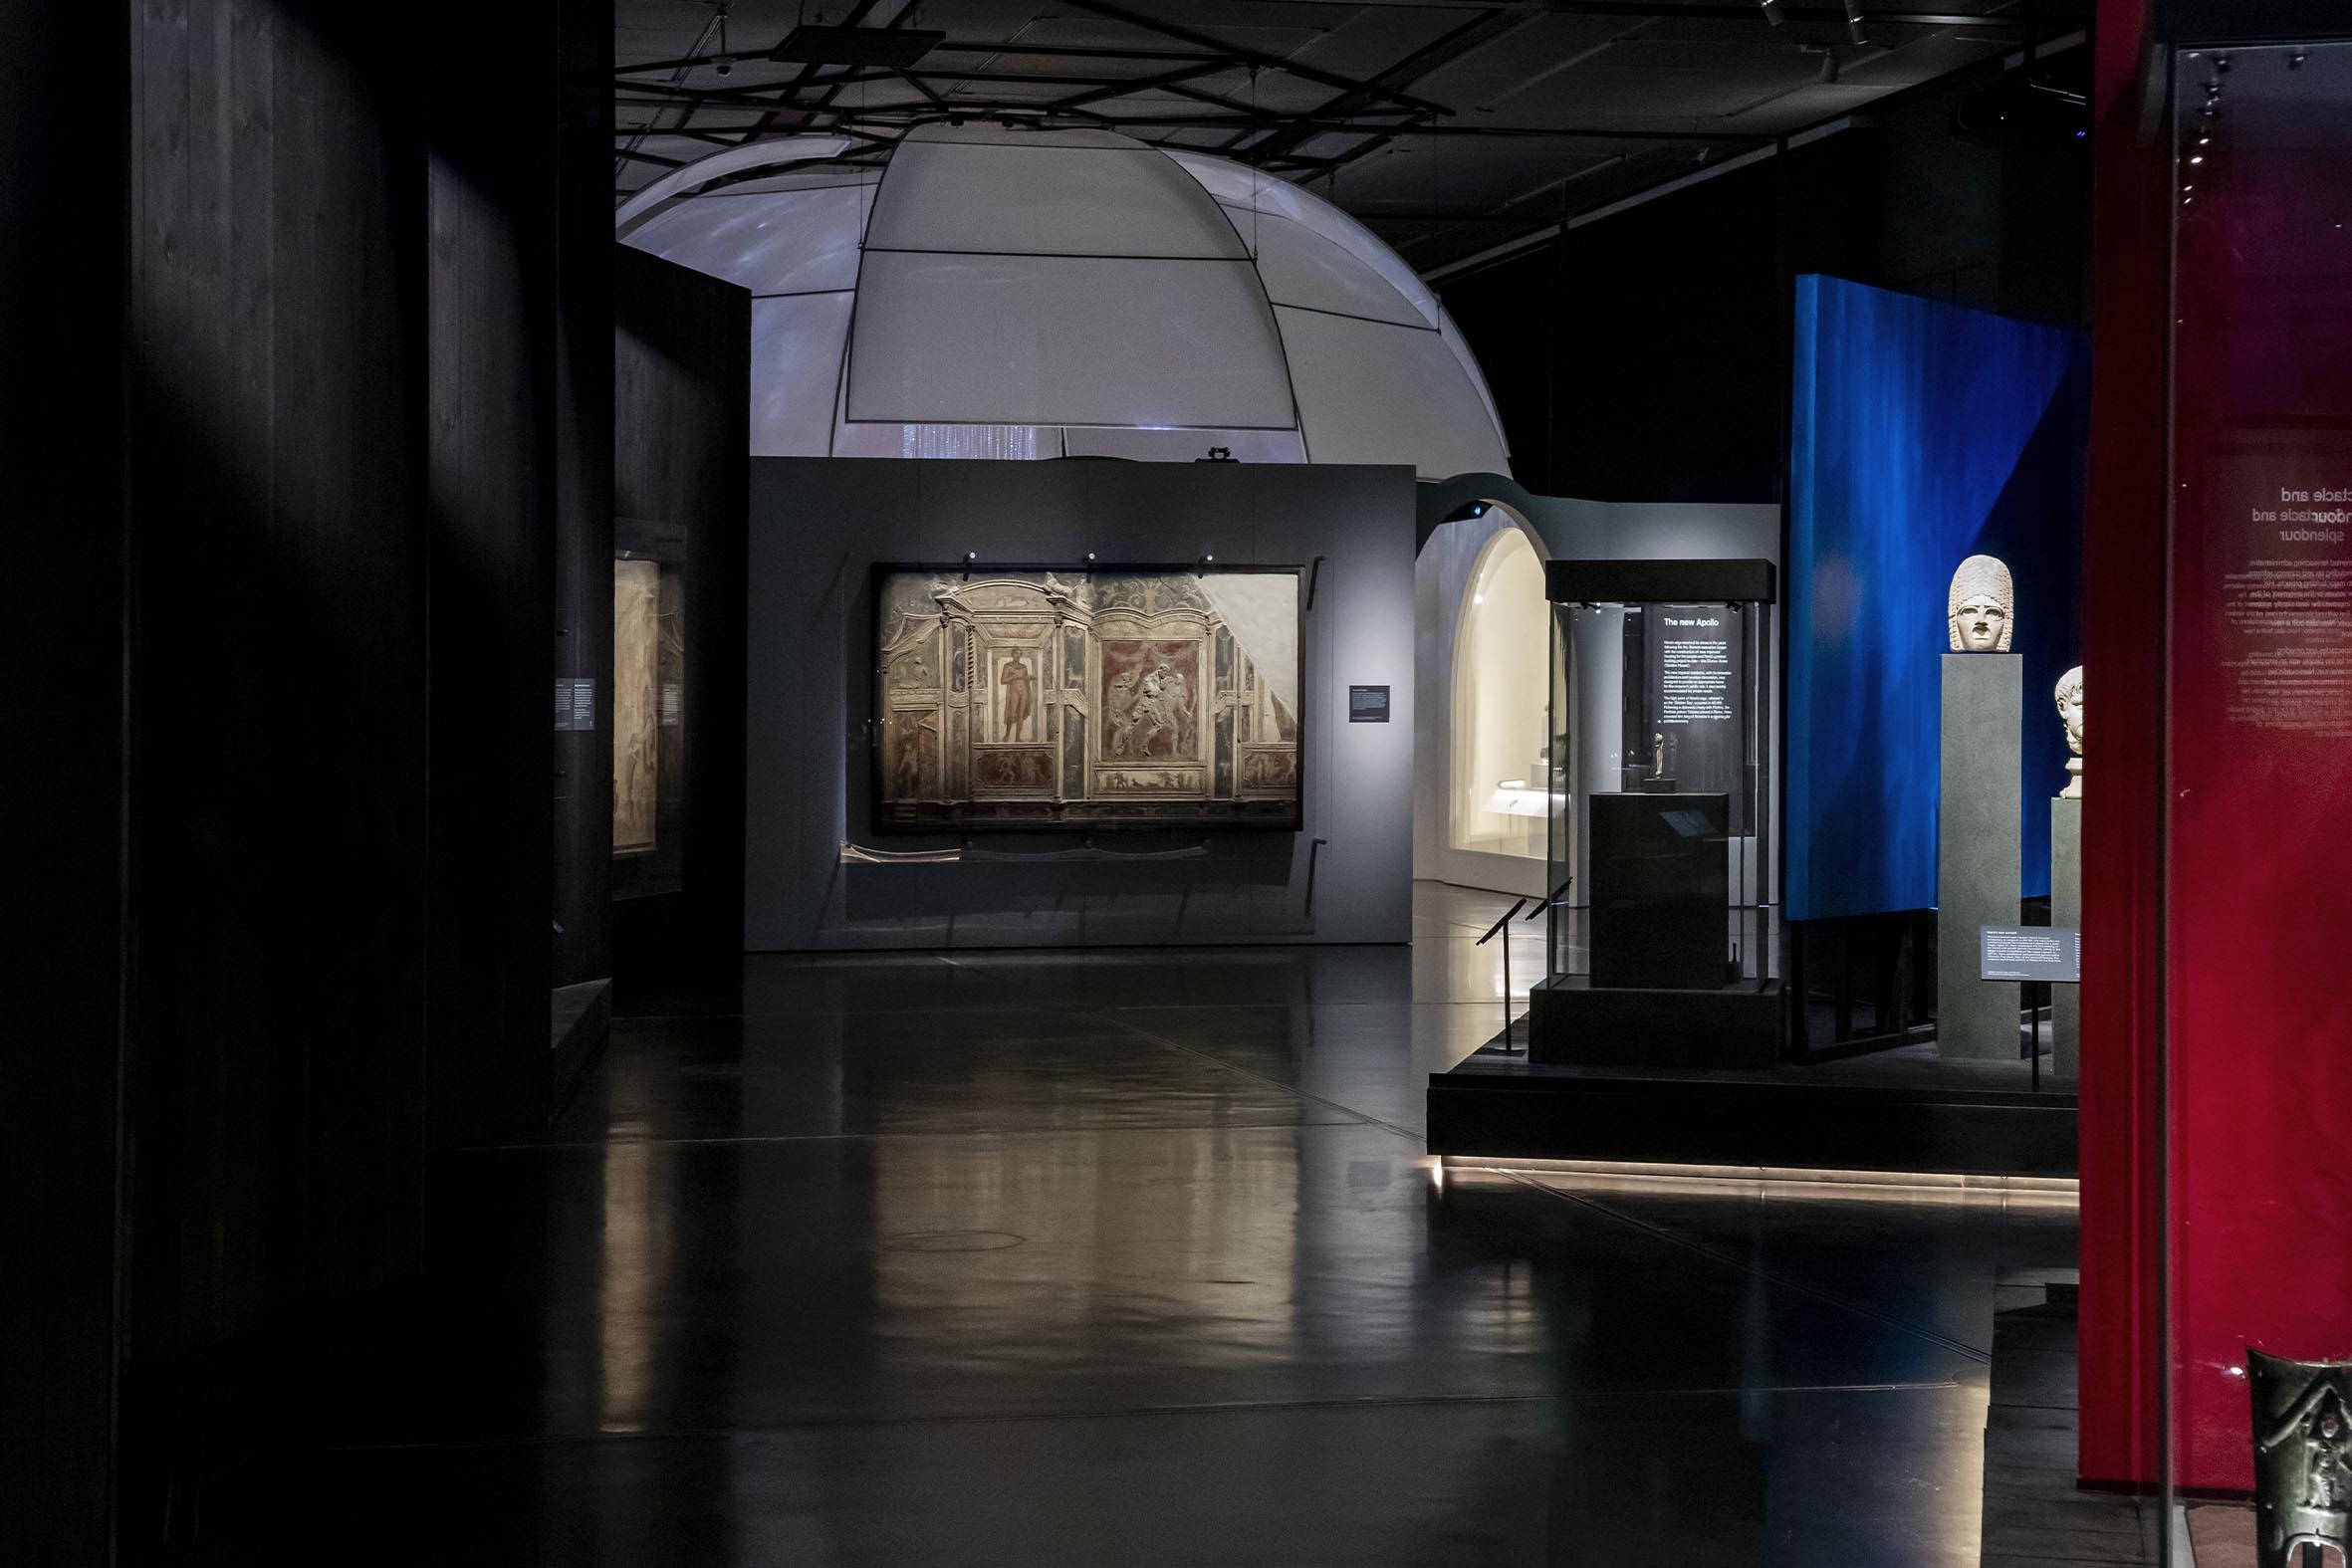 lombaertstudio_british_museum_neroexhibition_12